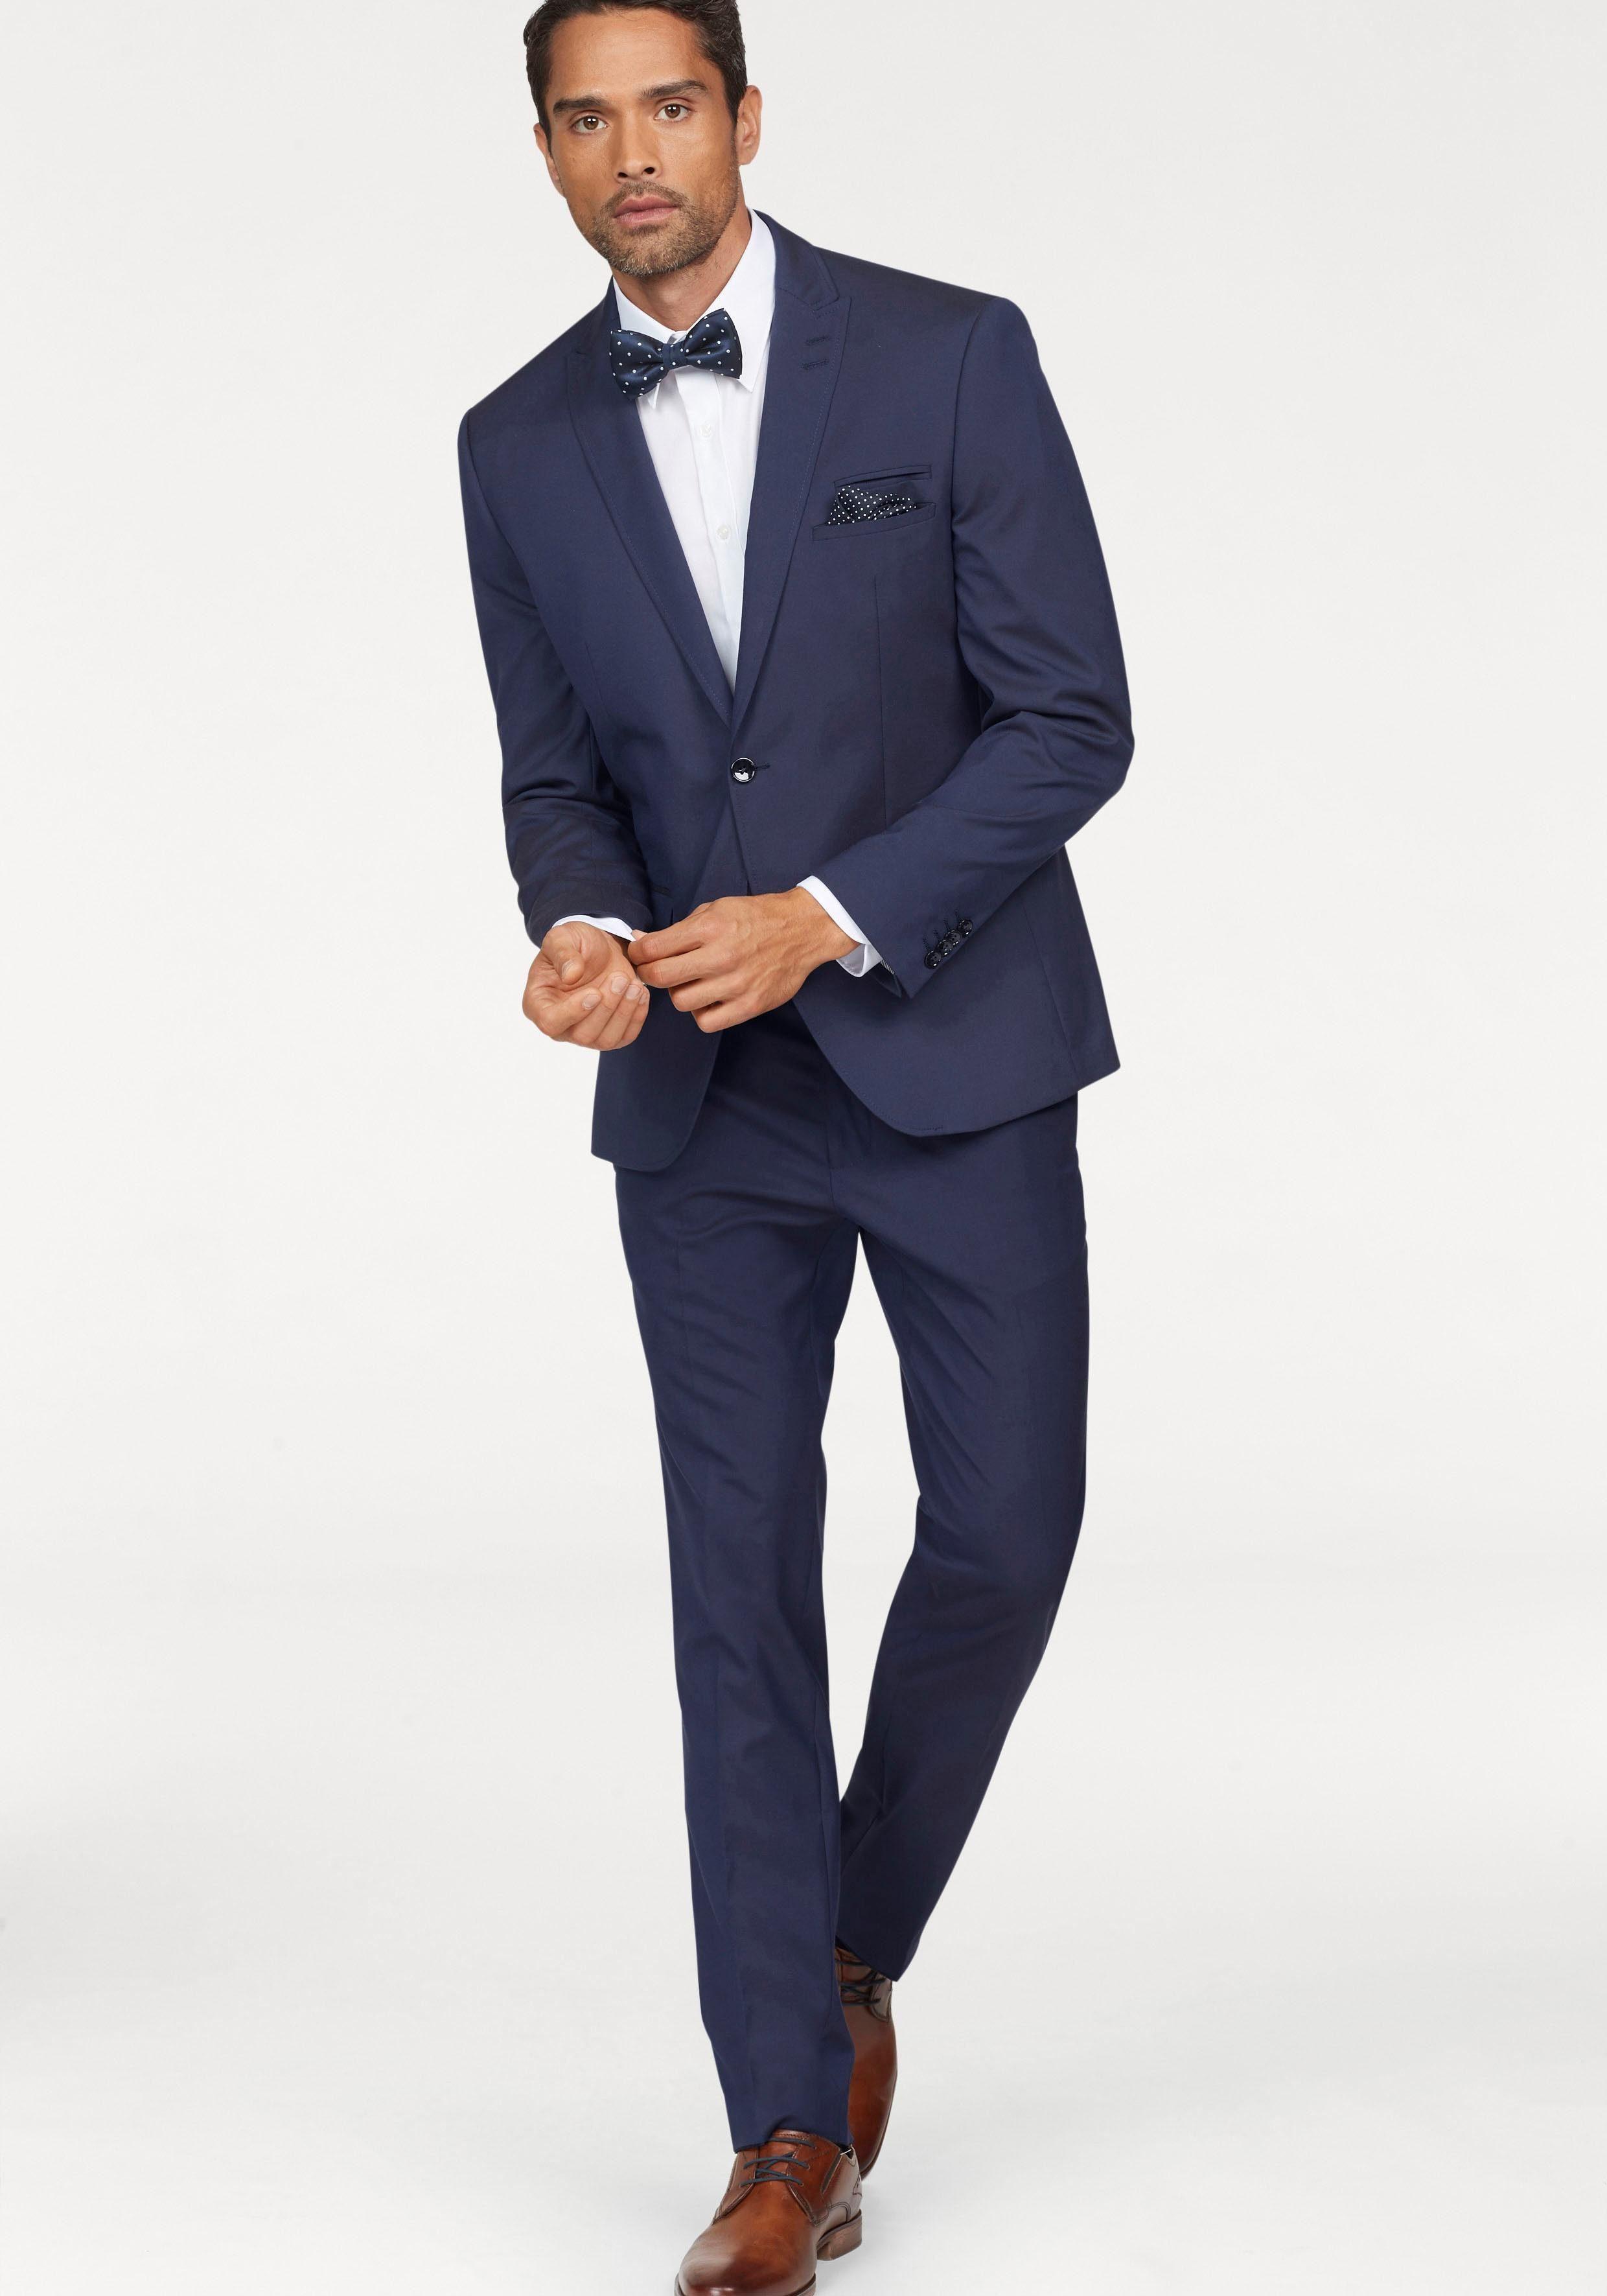 Bruno Banani Anzug (Set, 4 tlg., mit Fliege und Einstecktuch) inklusive Fliege und Einstecktuch online kaufen   OTTO